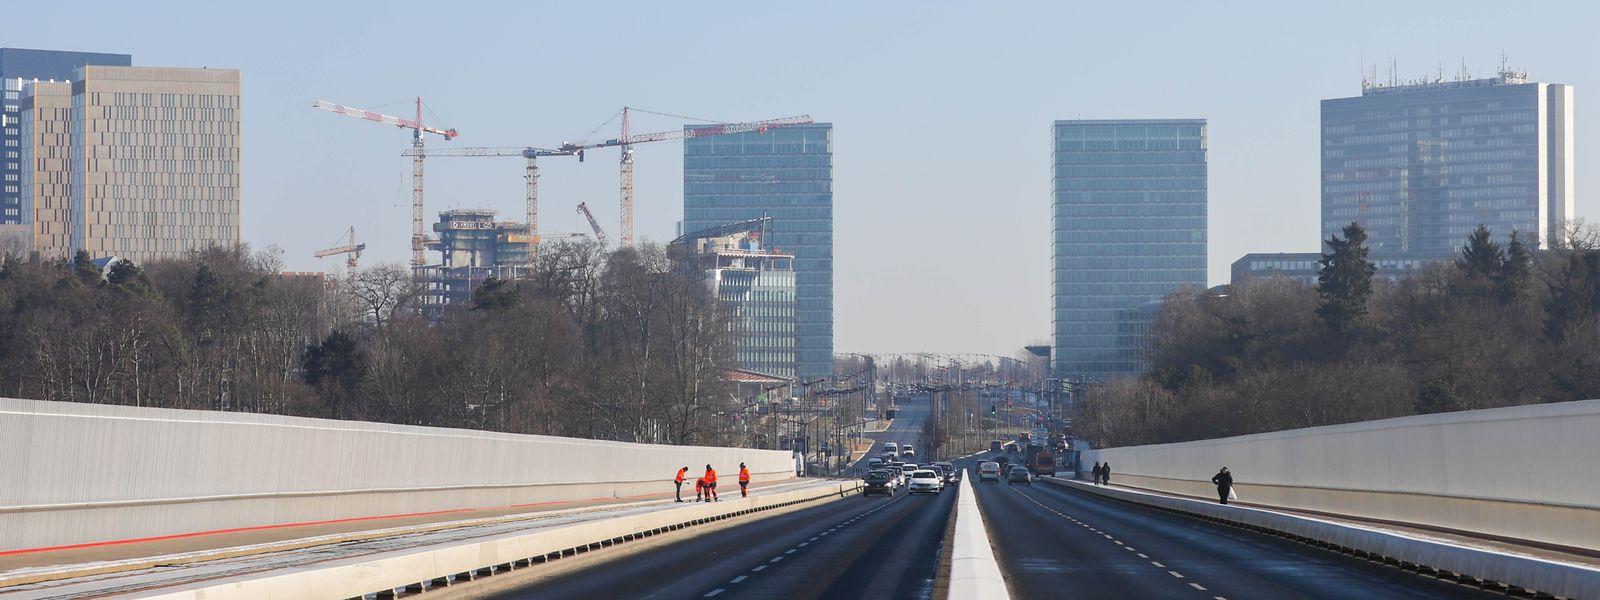 Entlang der Avenue Kennedy tut sich eigentlich immer was. In diesem Jahr werden dort sogar mehrere große Neubauten eingeweiht.